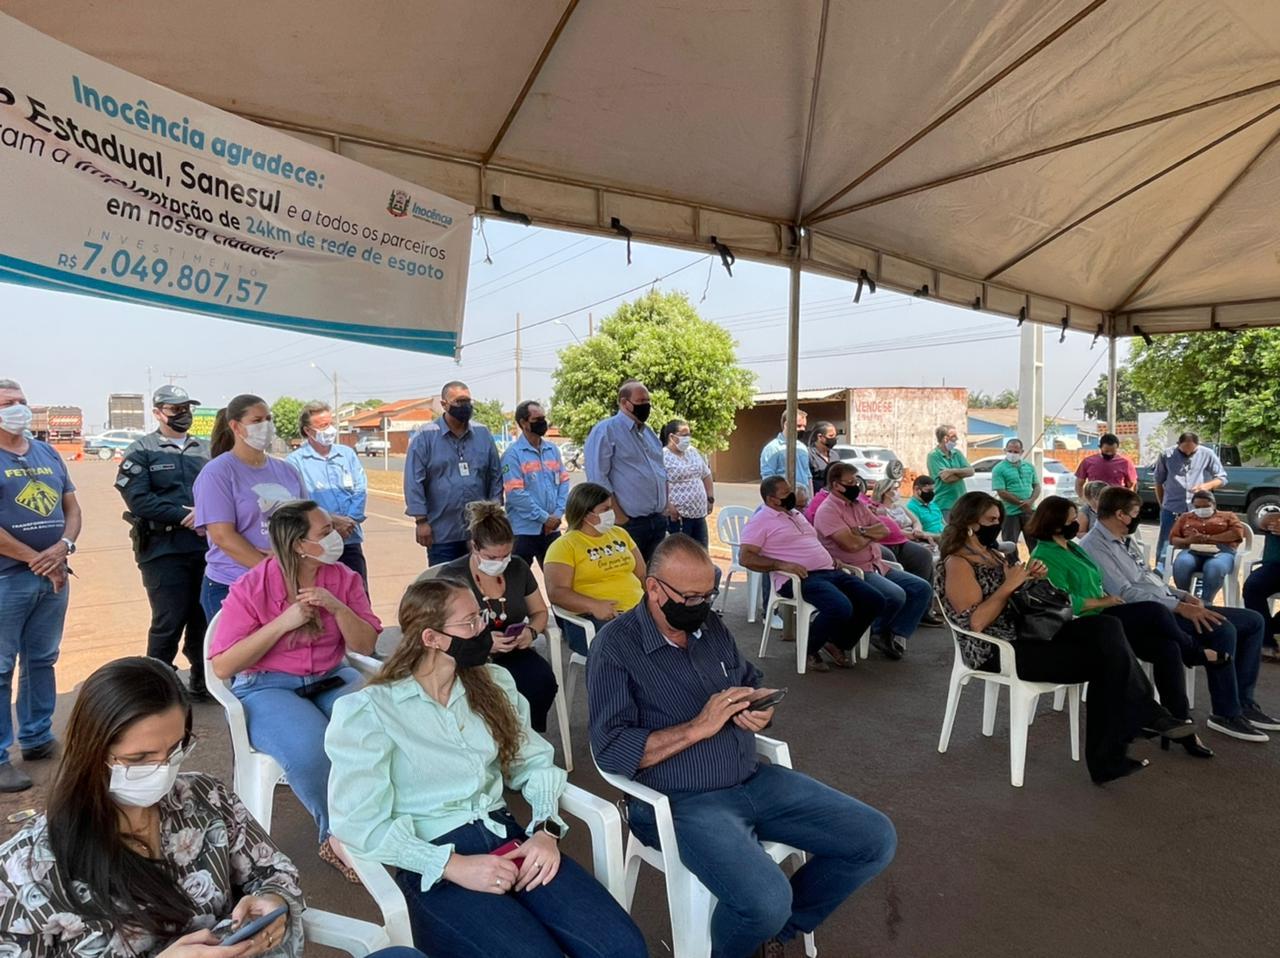 Sanesul autoriza R$ 7 milhões em obras de esgotamento em Inocência